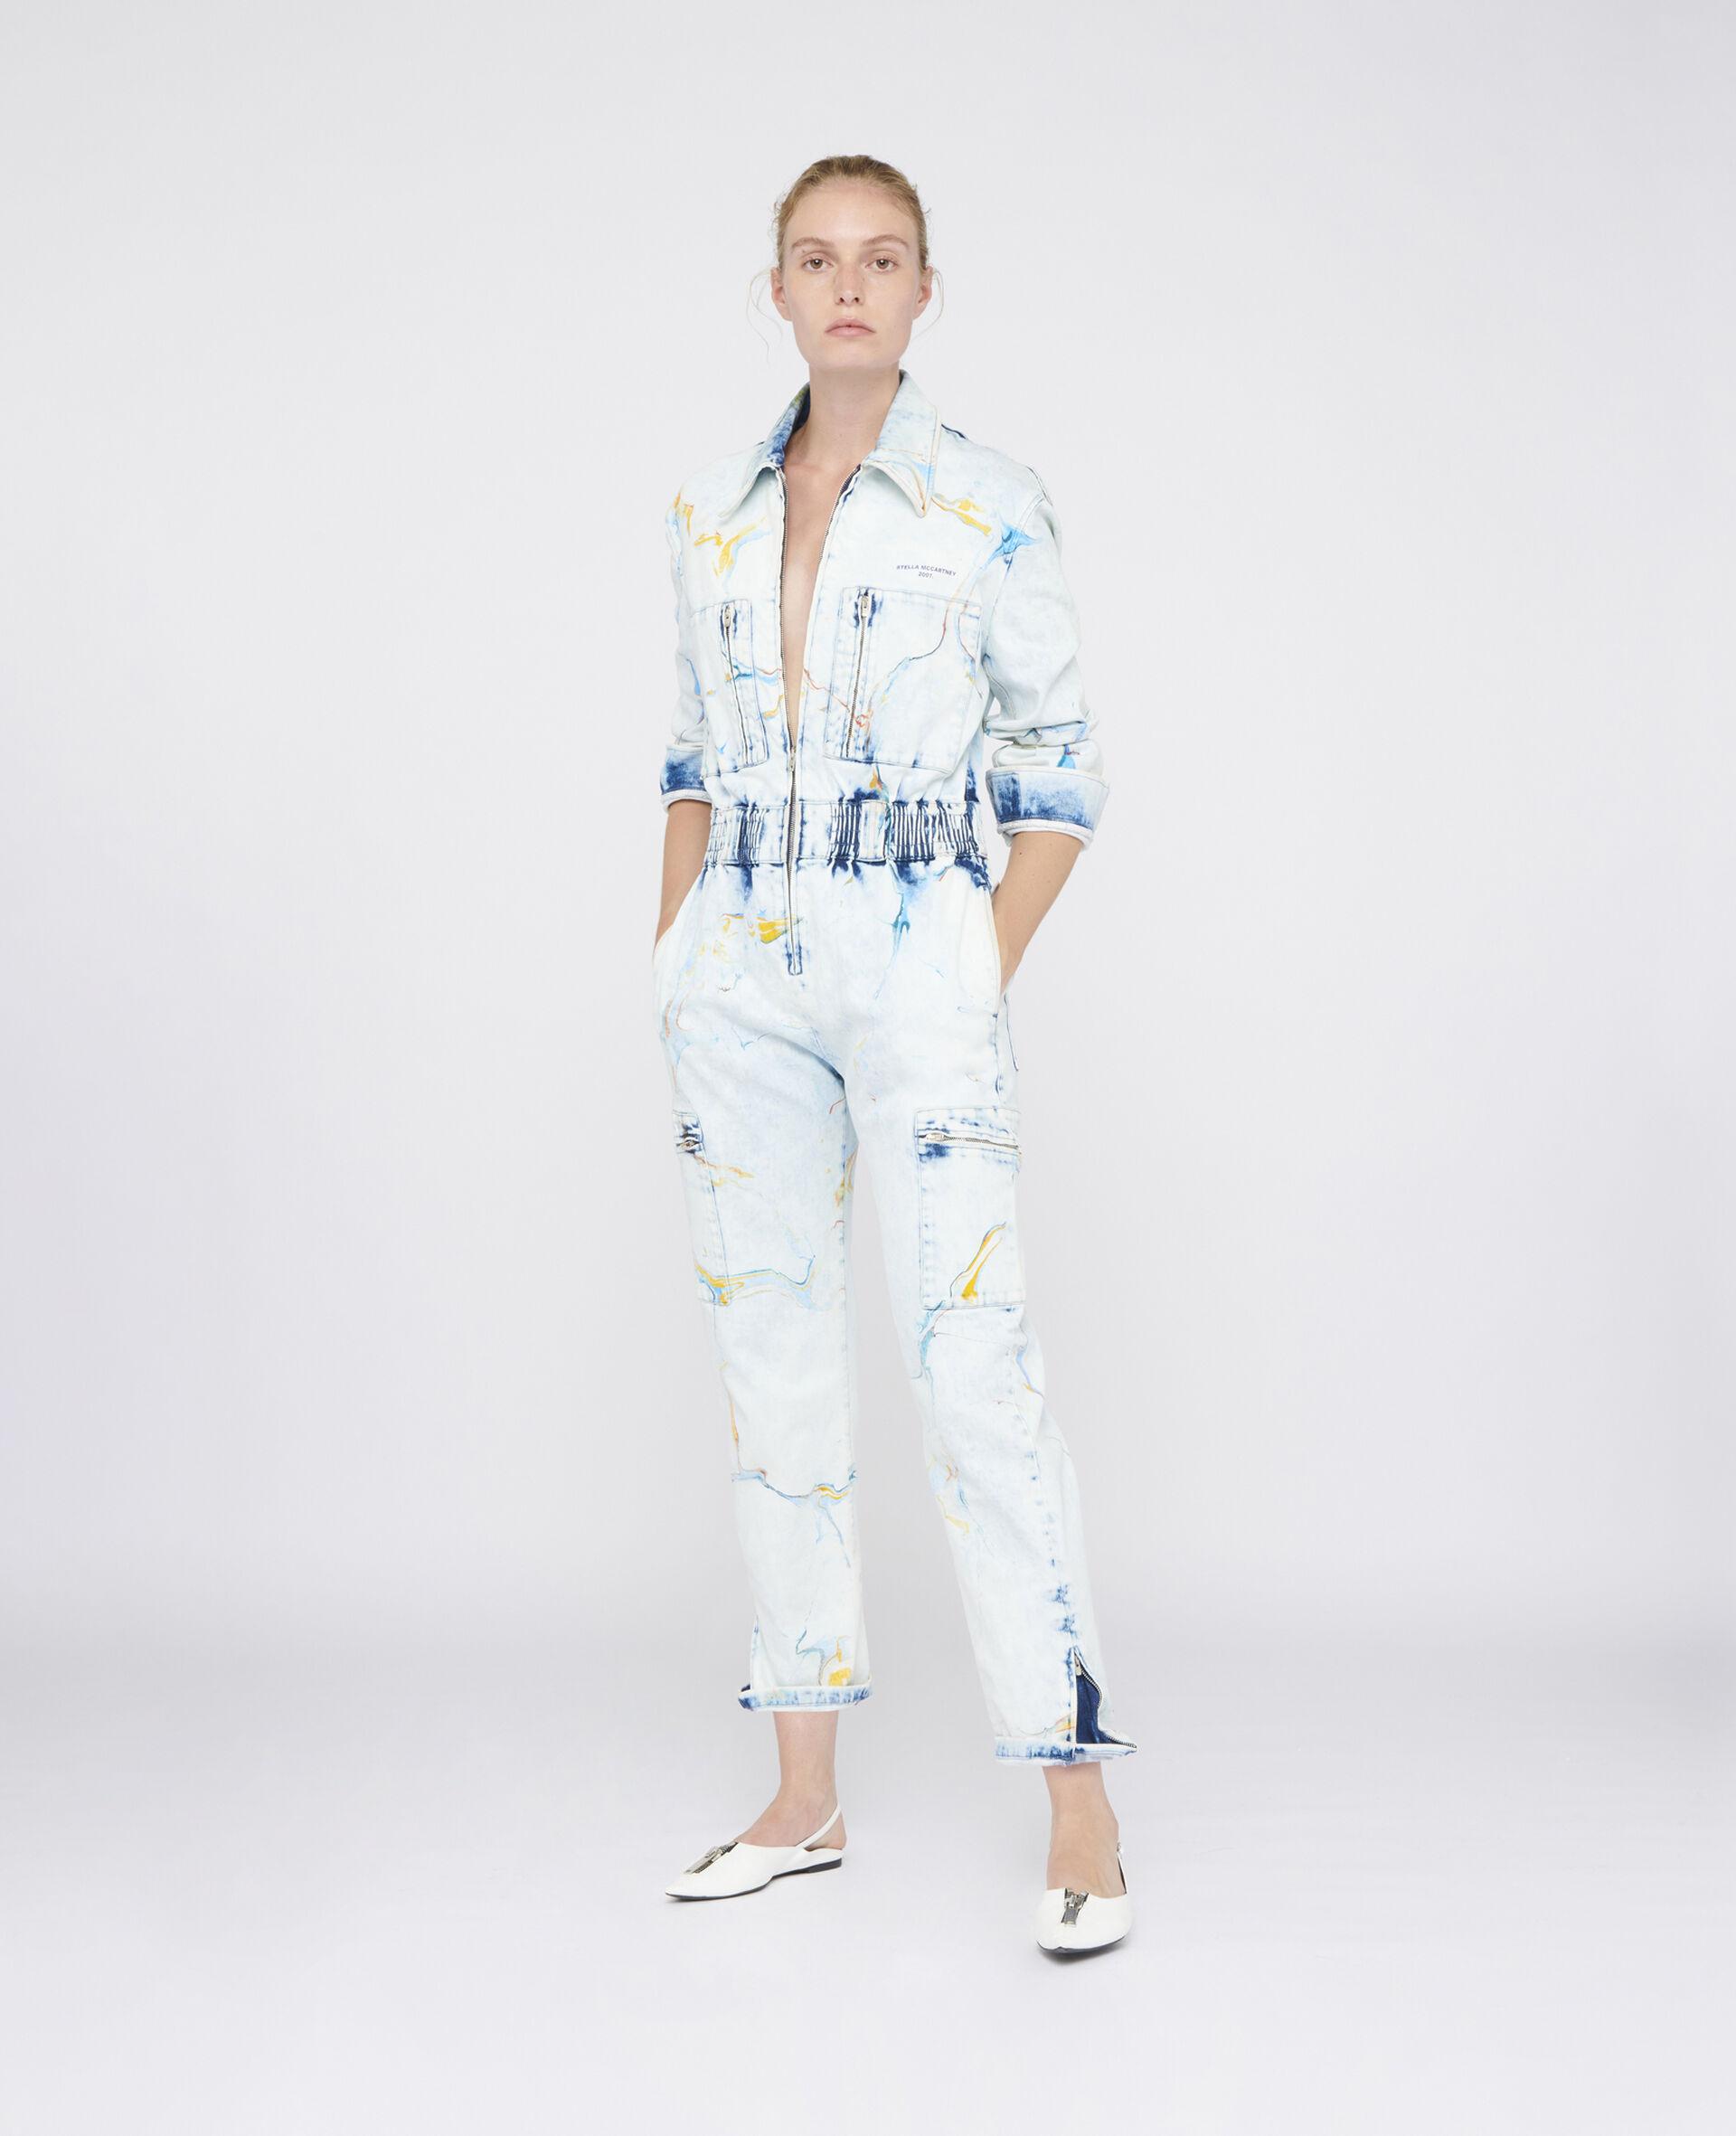 Stella McCartney Tuta in denim di colore azzurro effetto marmo multicolor, chiusura con zip a 3/4 sul davanti